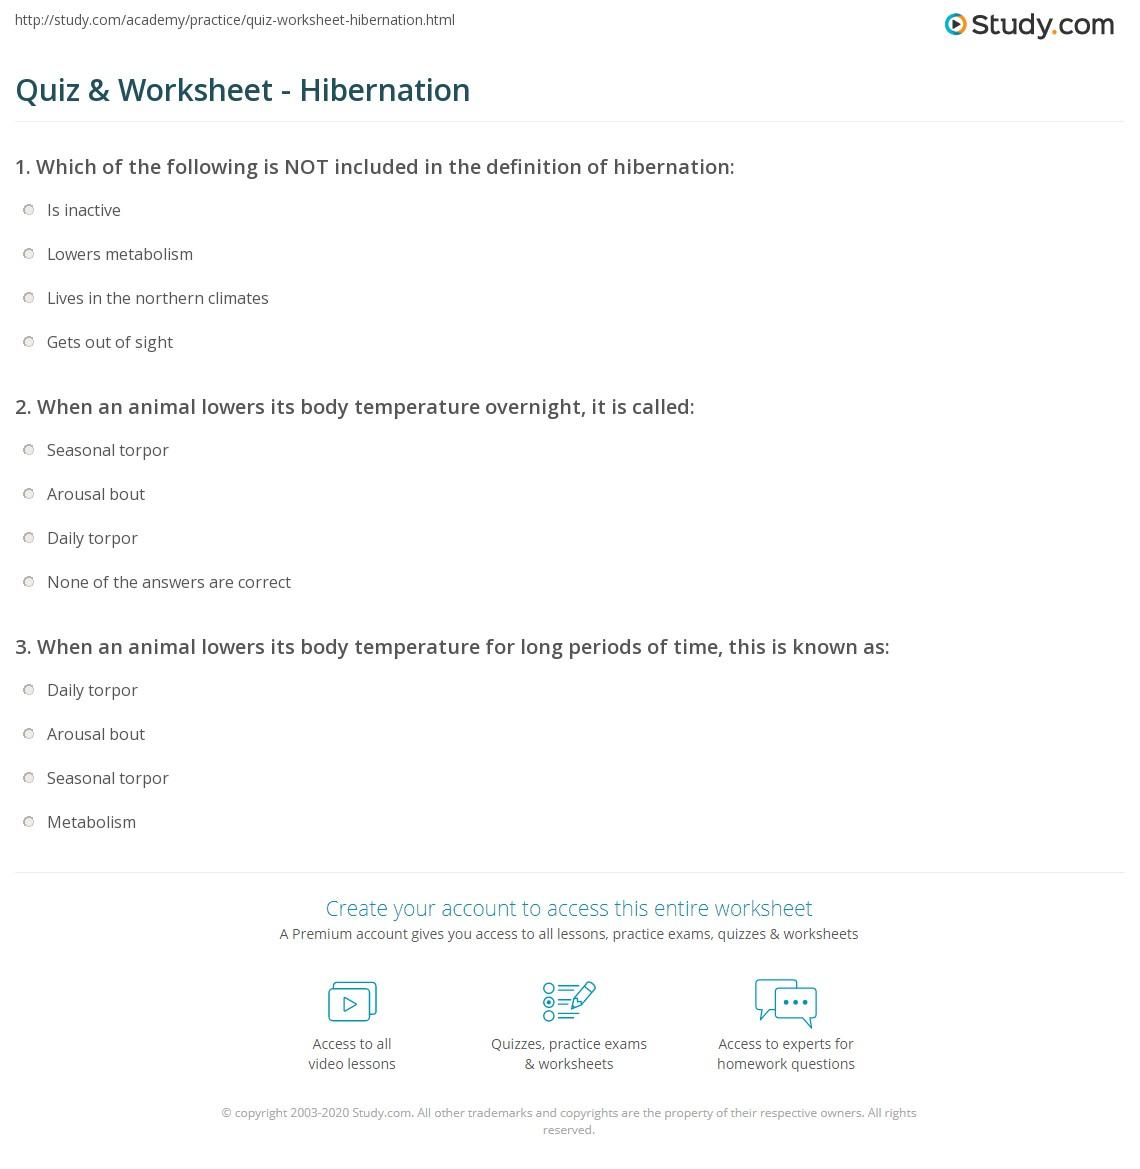 worksheet Hibernation Worksheets quiz worksheet hibernation study com print what is definition facts worksheet